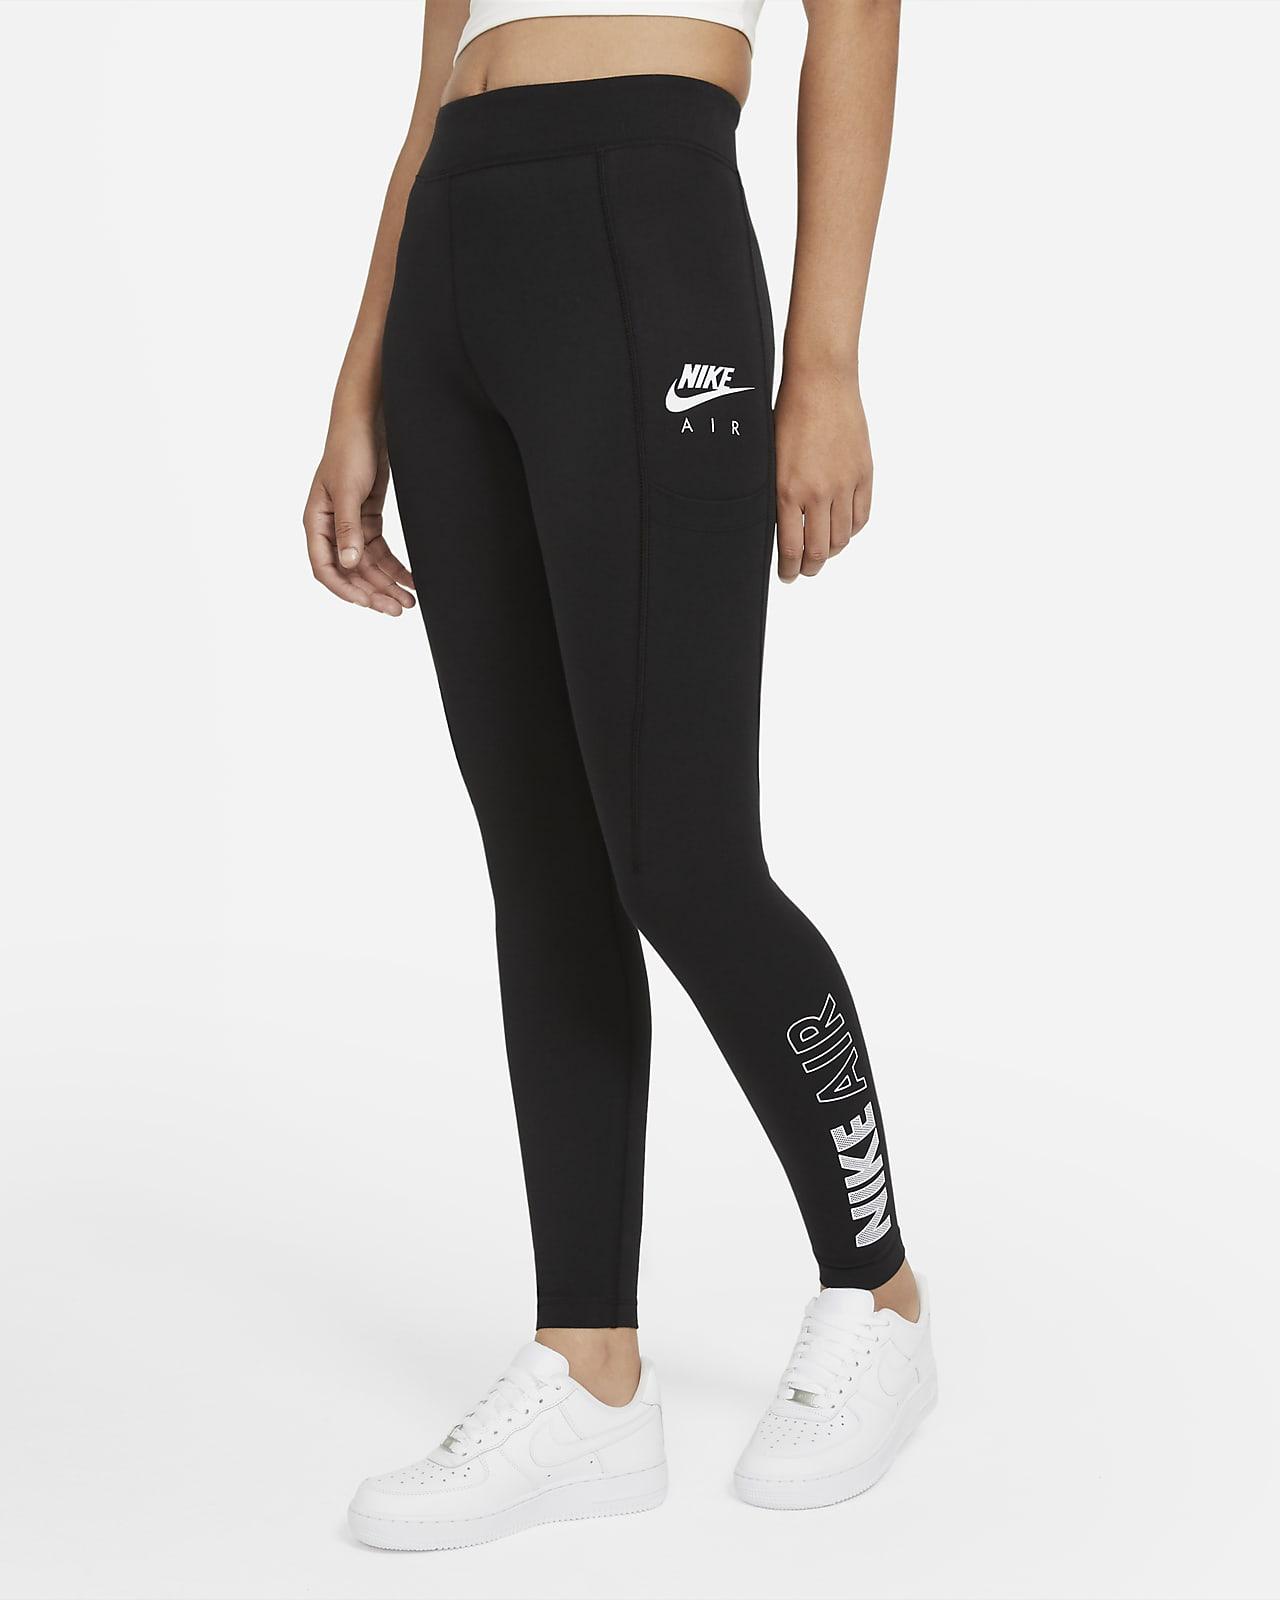 Leggings Nike Air med hög midja, för kvinnor